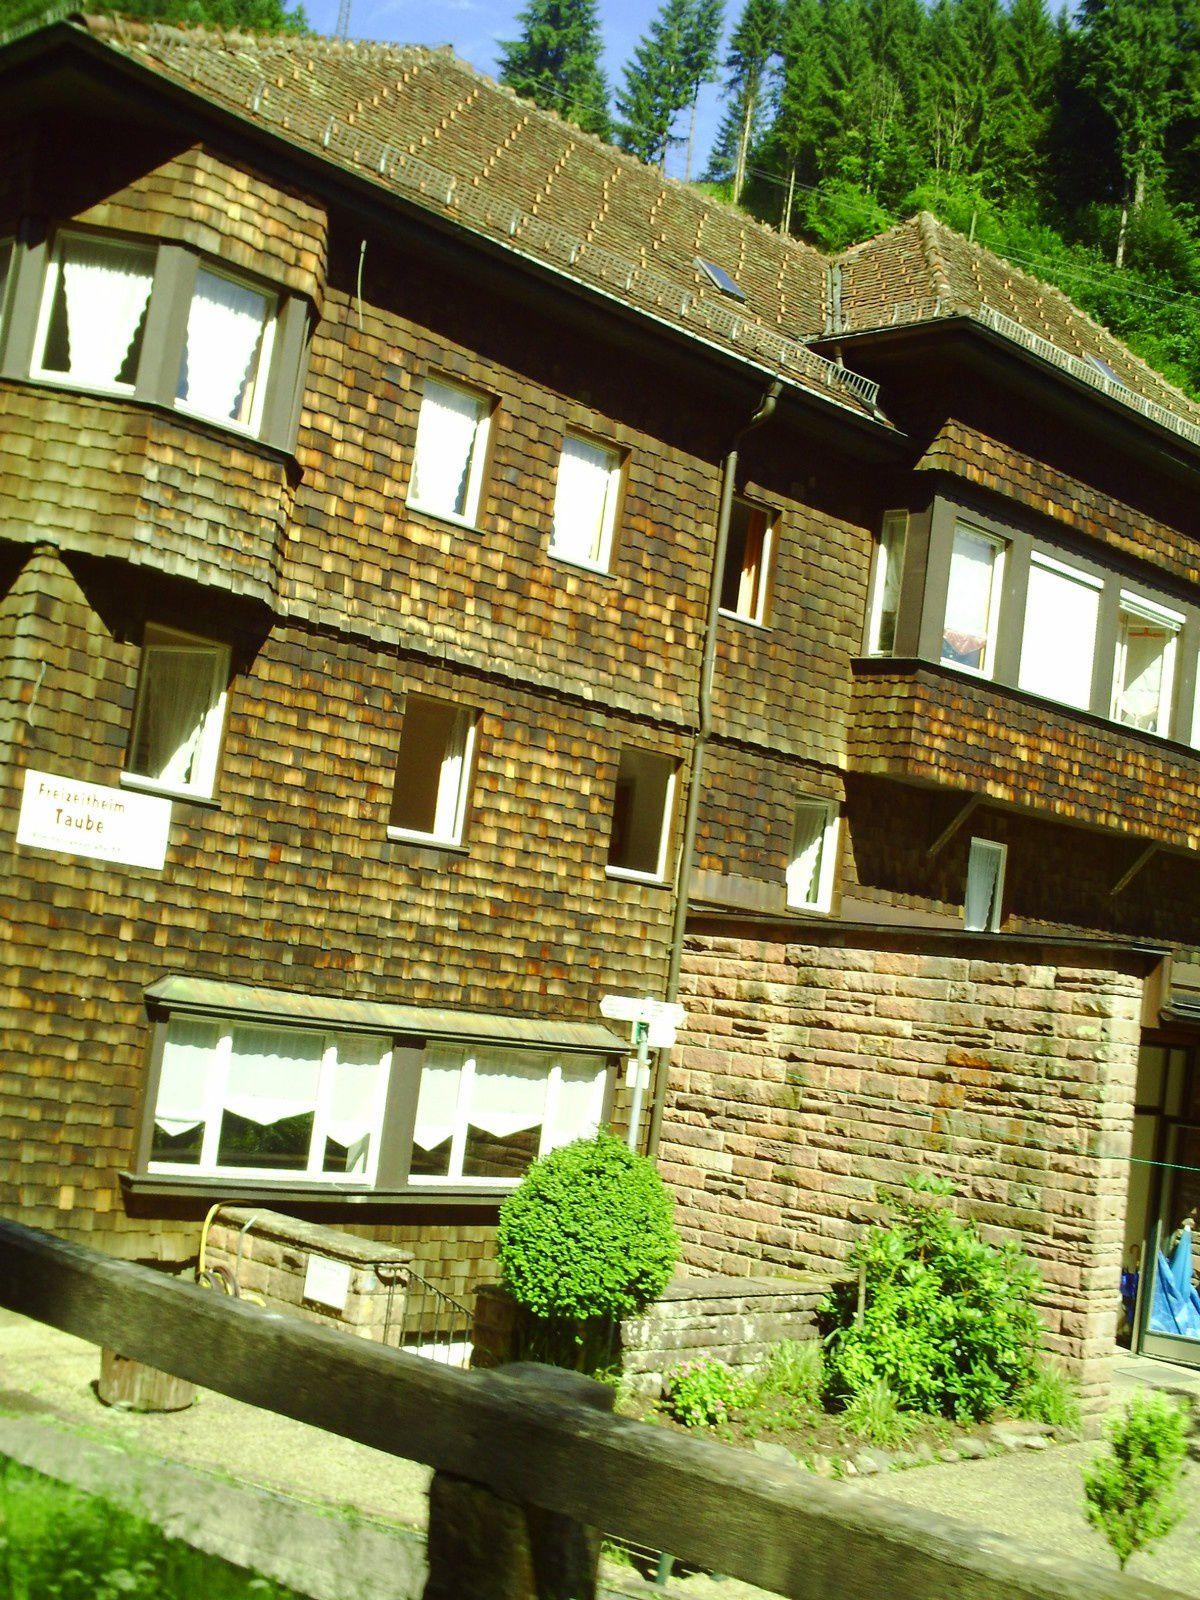 Goldwing  - Petite ballade vers le lac Mummelsee en forêt noire avec la 125 varadero